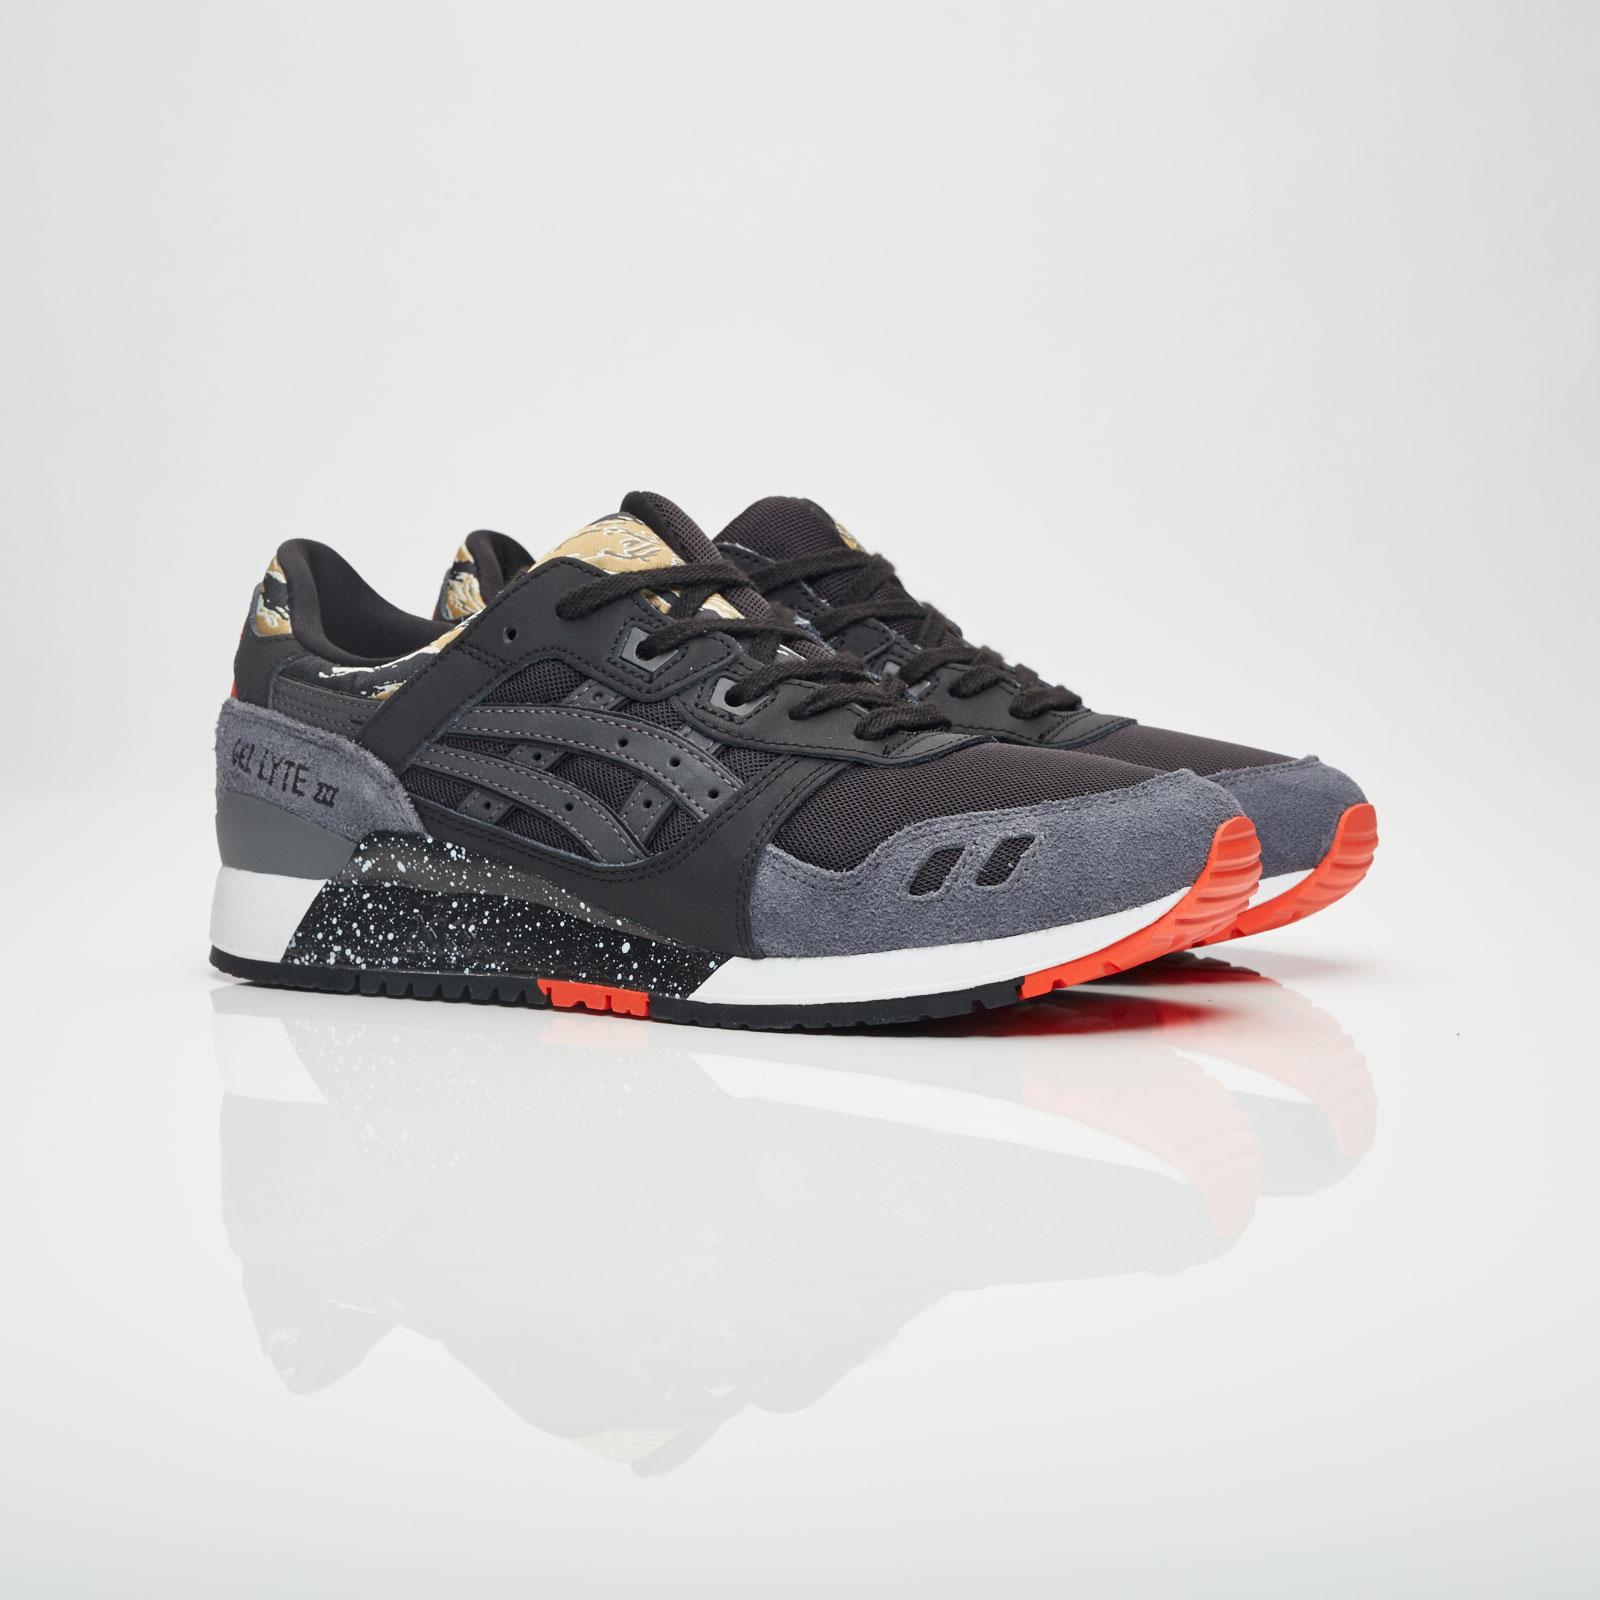 ASICS Tiger Gel-Lyte III - H7y0l-9090 - Sneakersnstuff I Sneakers ...